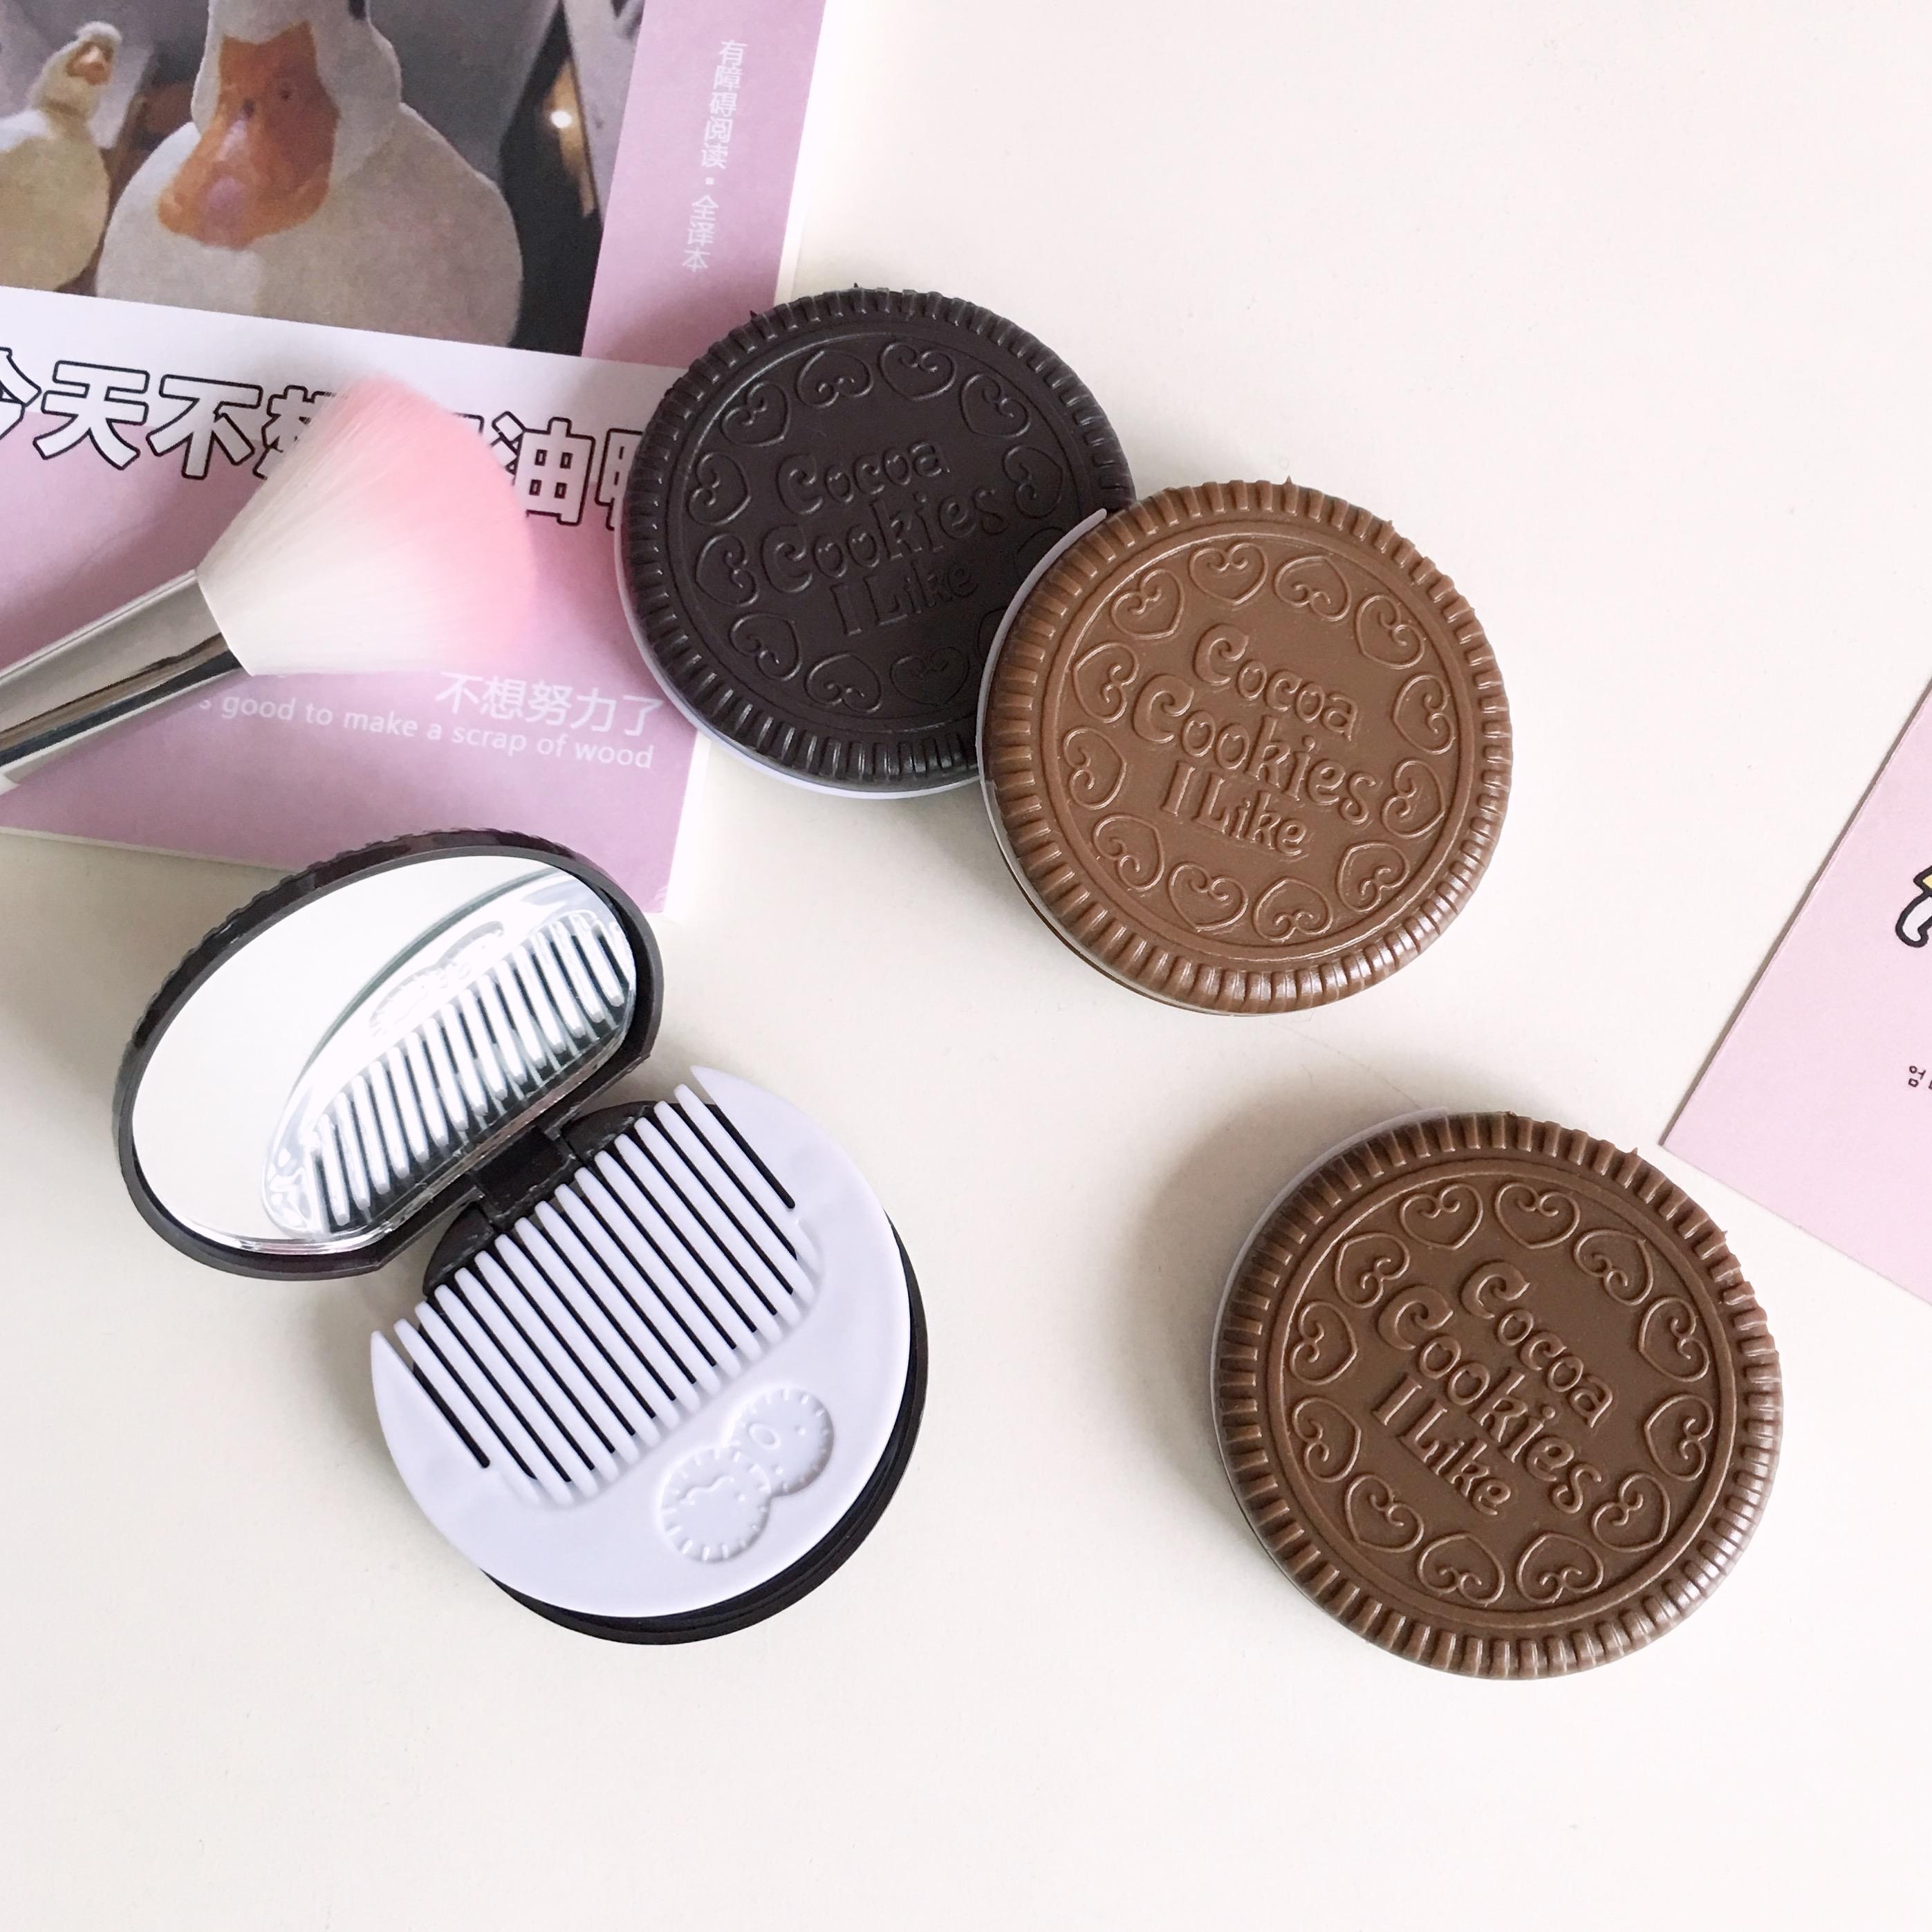 ins随身镜子可折叠奥利奥巧克力饼干仿真镜子创意便携迷你化妆镜